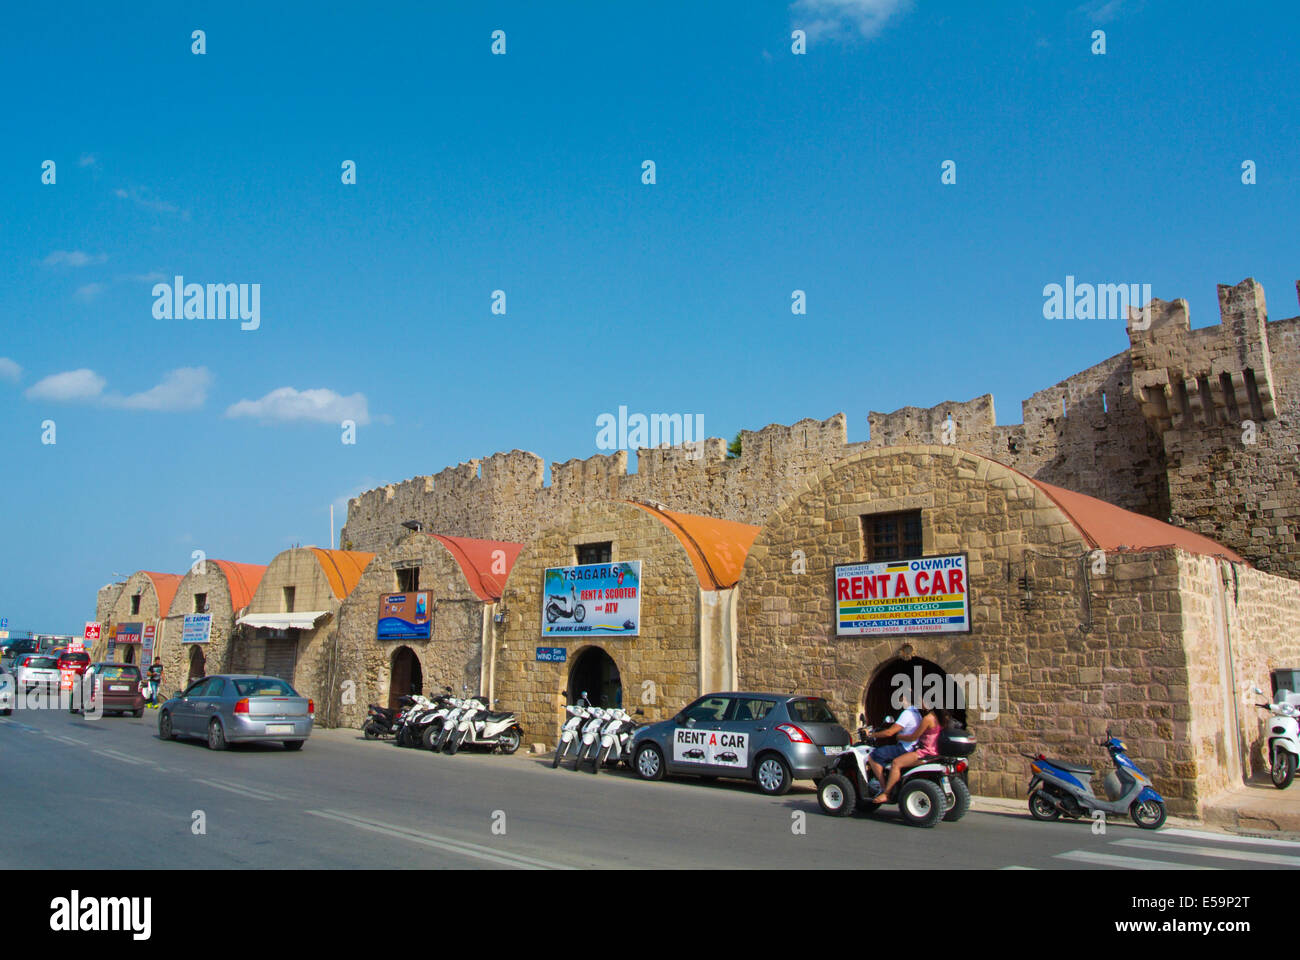 Reisebüros und Fahrzeug Vermietung Orte von touristischen Hafen, Rhodos, Insel Rhodos, Dodekanes, Griechenland, Stockbild